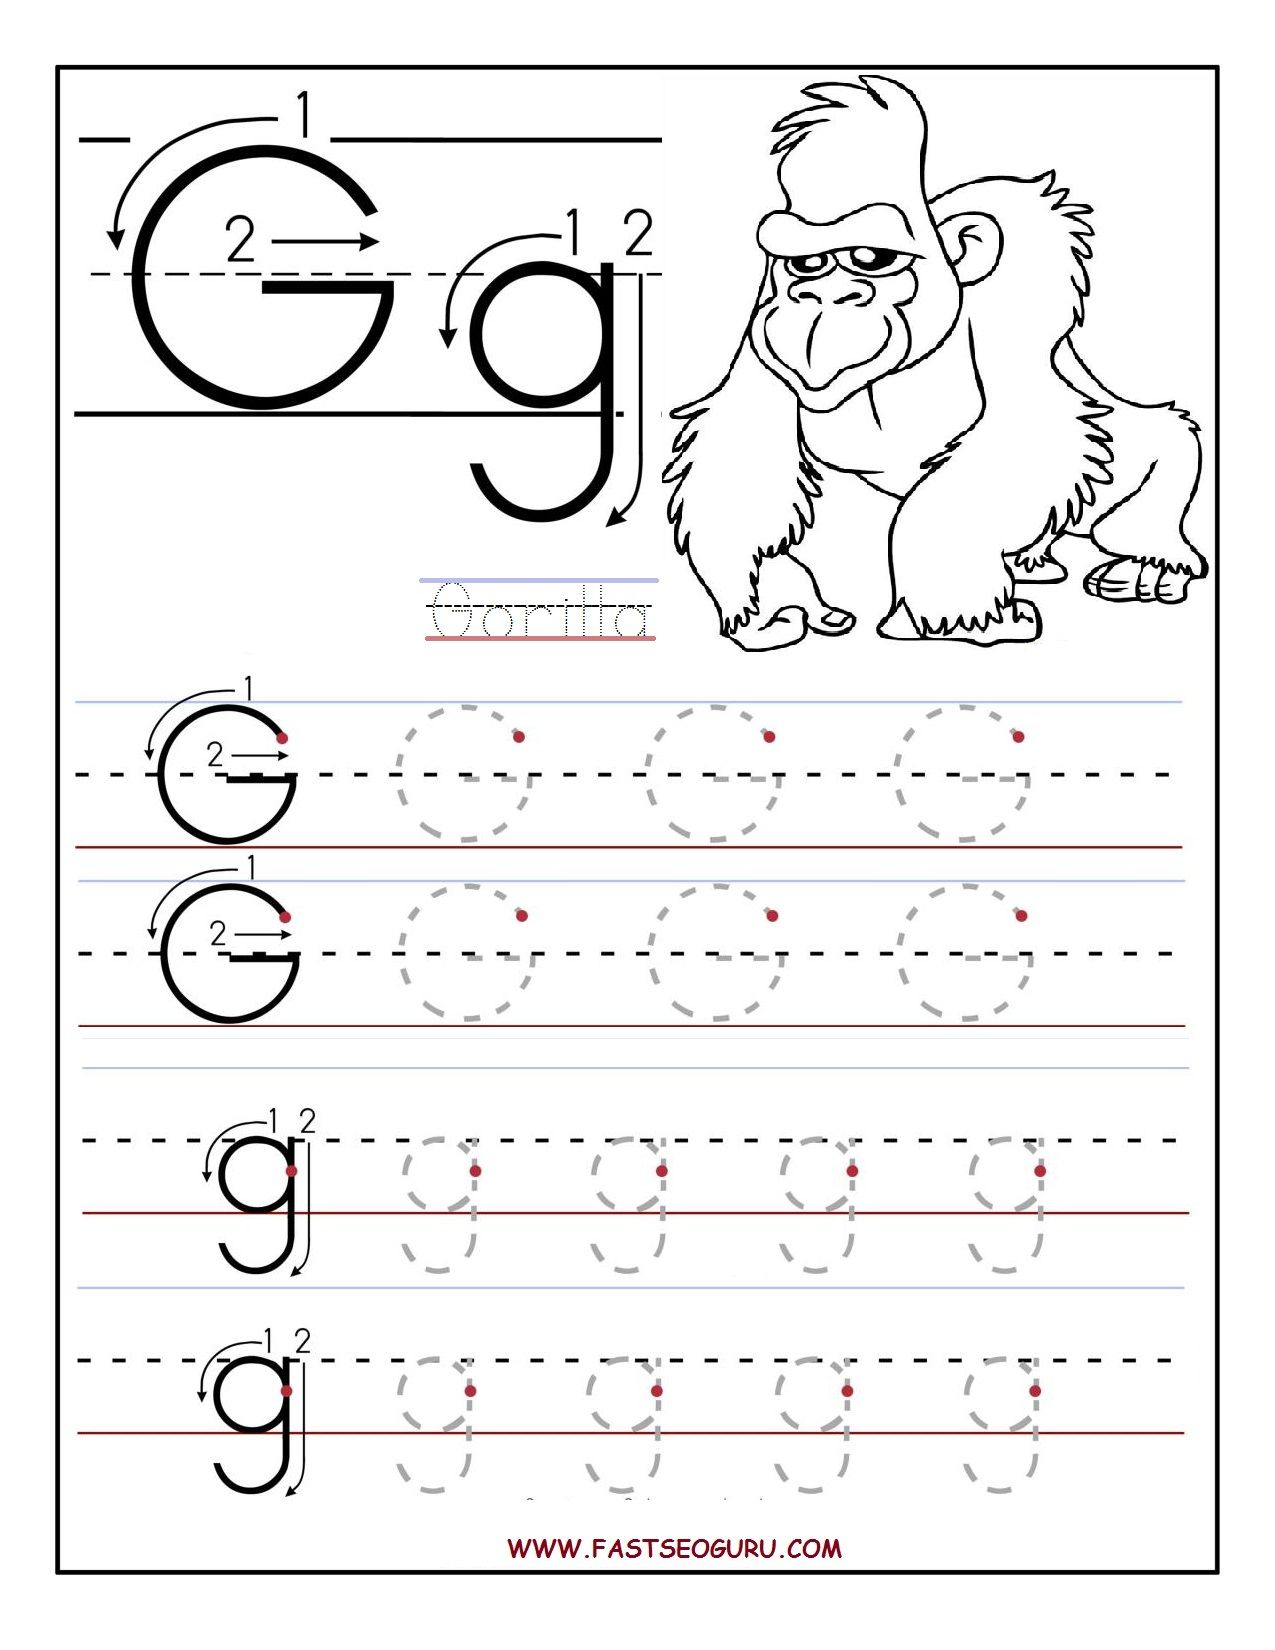 Worksheets For Preschoolers | Printable Letter G Tracing in Tracing Letter G Worksheets